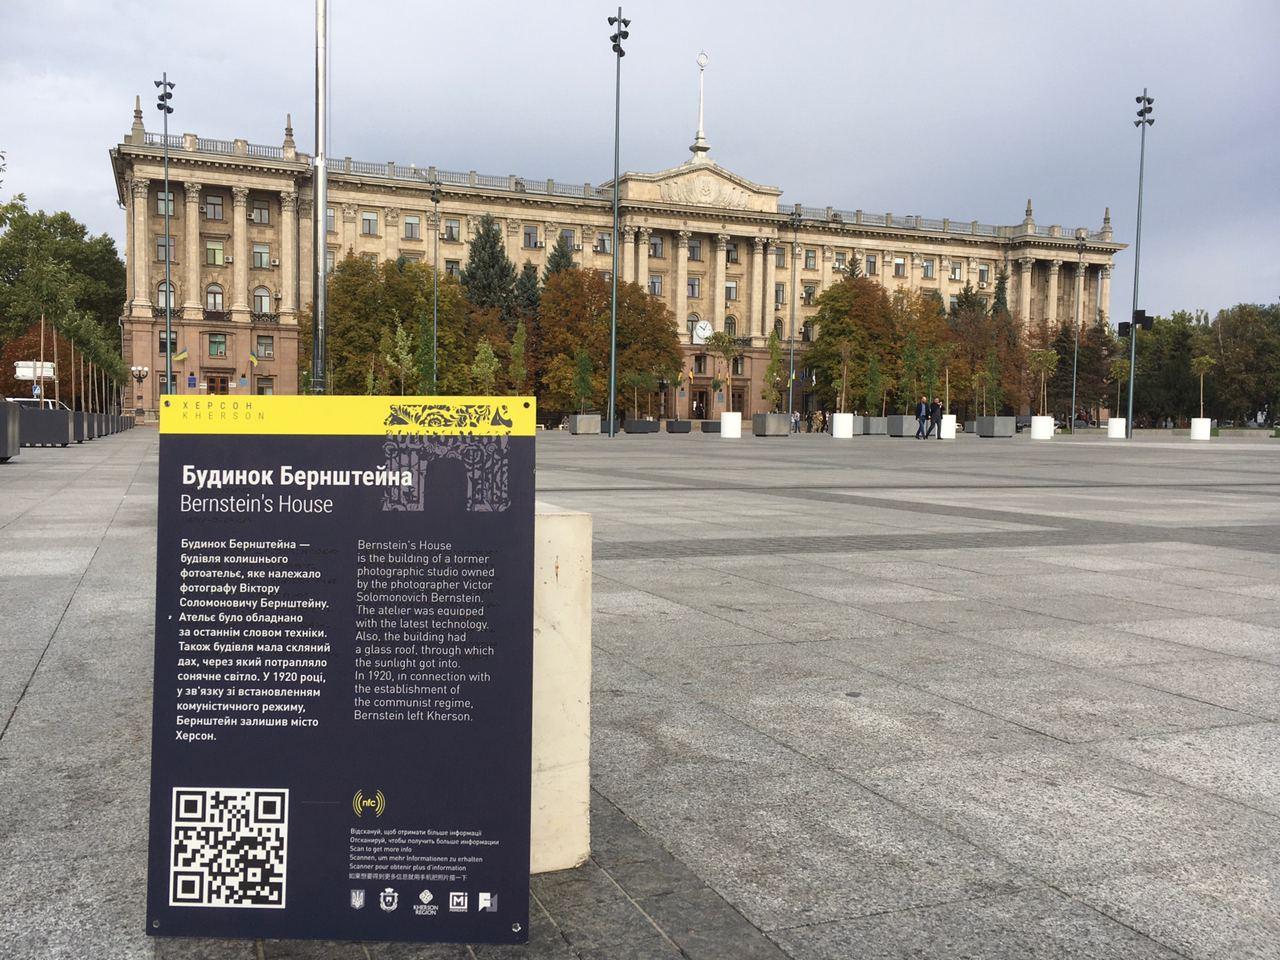 На 15 исторических зданиях Николаева появятся таблички с QR-кодами и шрифтом Брайля